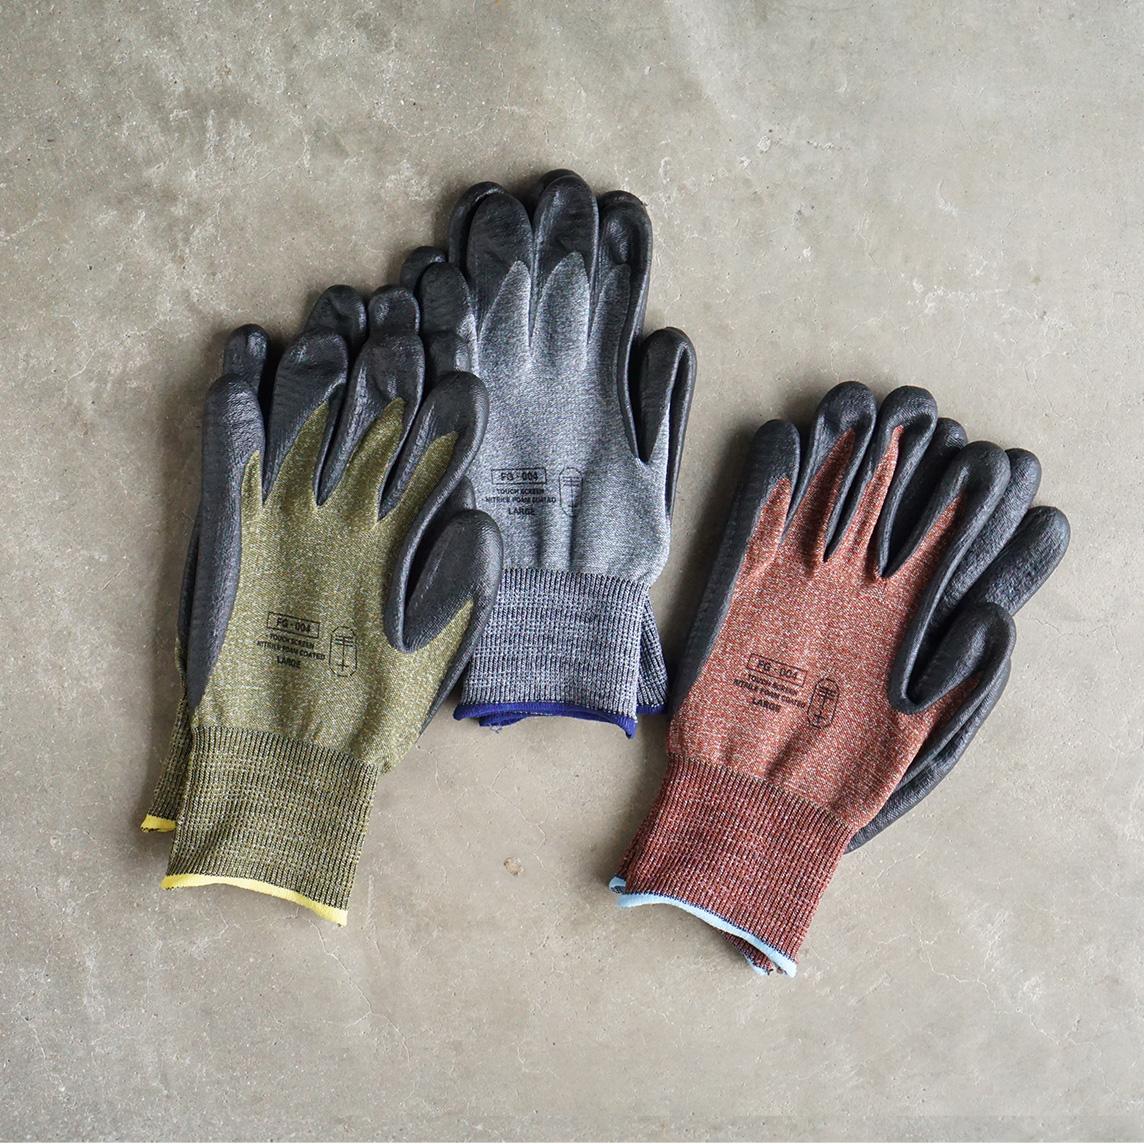 段ボールのゴミ出し、荷物ズッシリの買い物。ビンの固いフタを開けたり、家具を組立時に活躍。スマホを触れる。ネジもつまめる抜群のフィット感で、指先がスイスイ動く「作業用手袋」|workers gloves(ワーカーズグローブ)